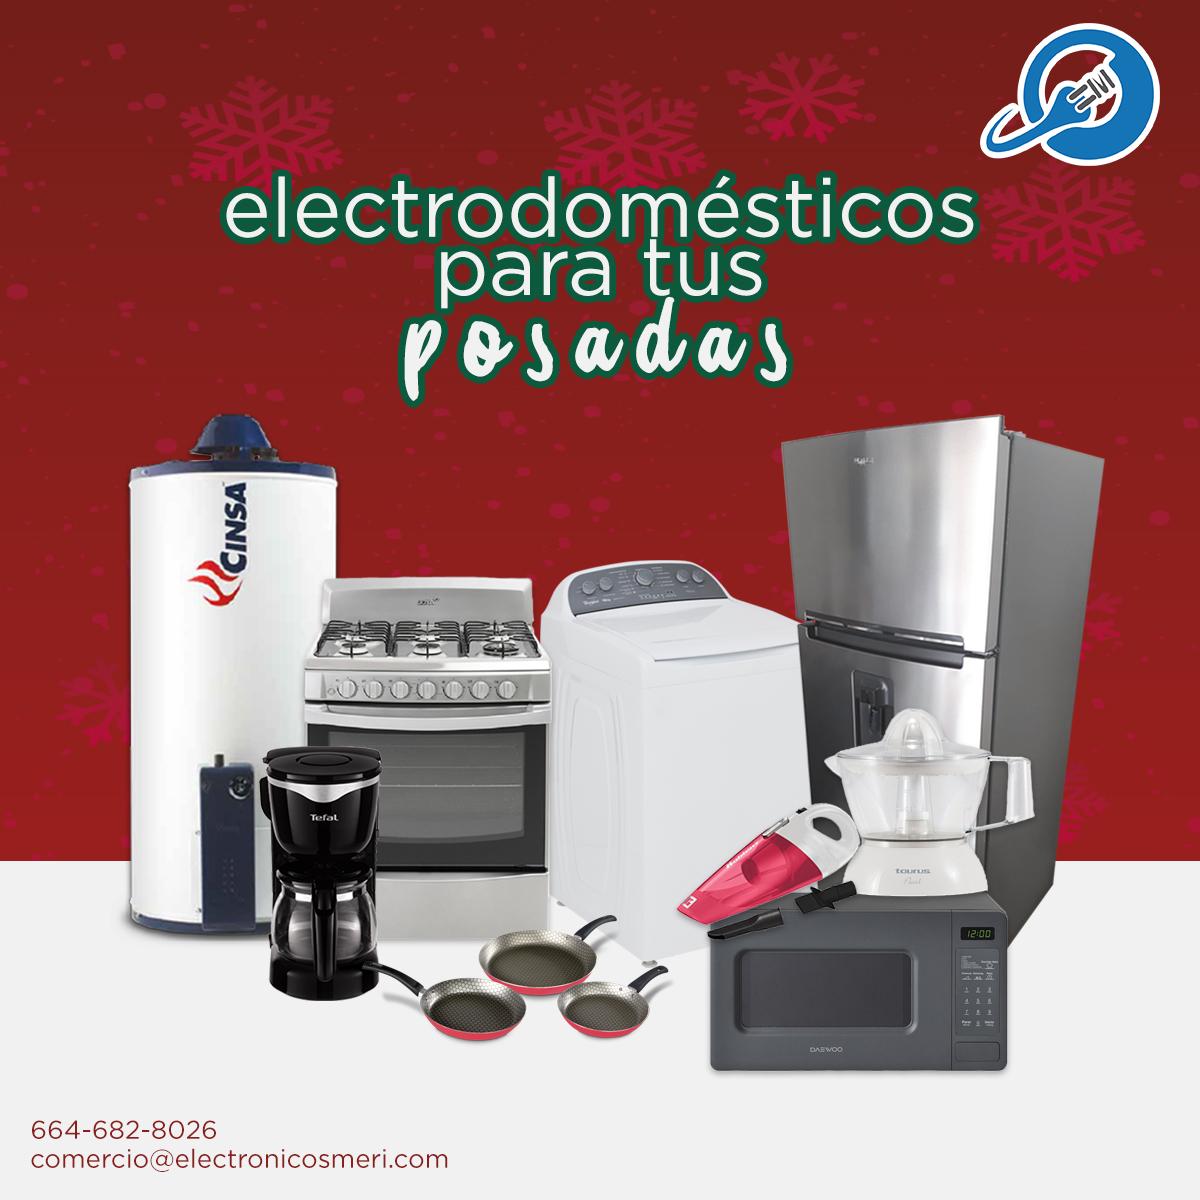 electrodomesticos 2020